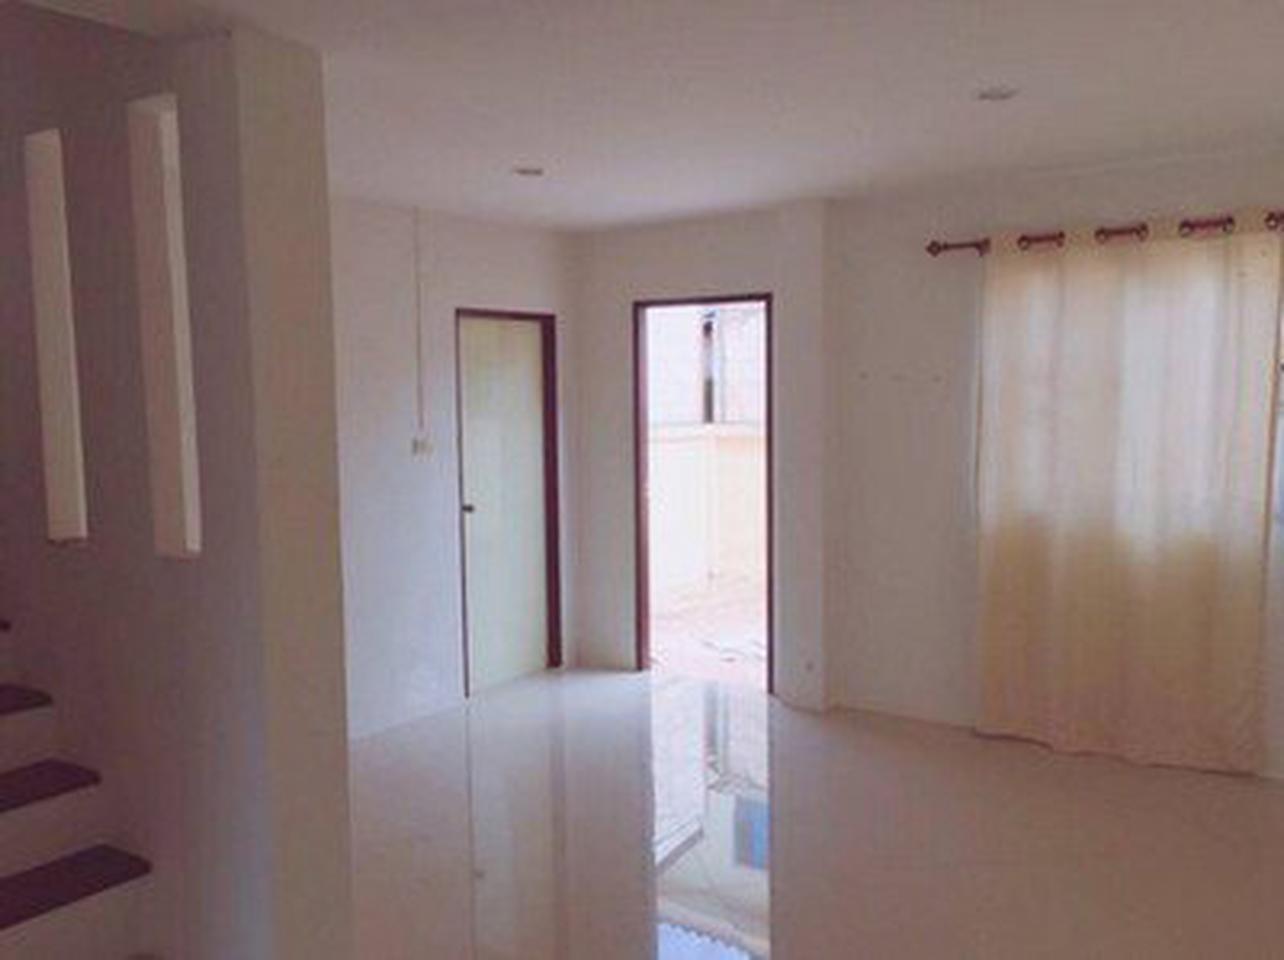 ขาย บ้านใหม่ 2 ชั้น หมู่บ้านสิวารัตน์ 9  รูปที่ 3